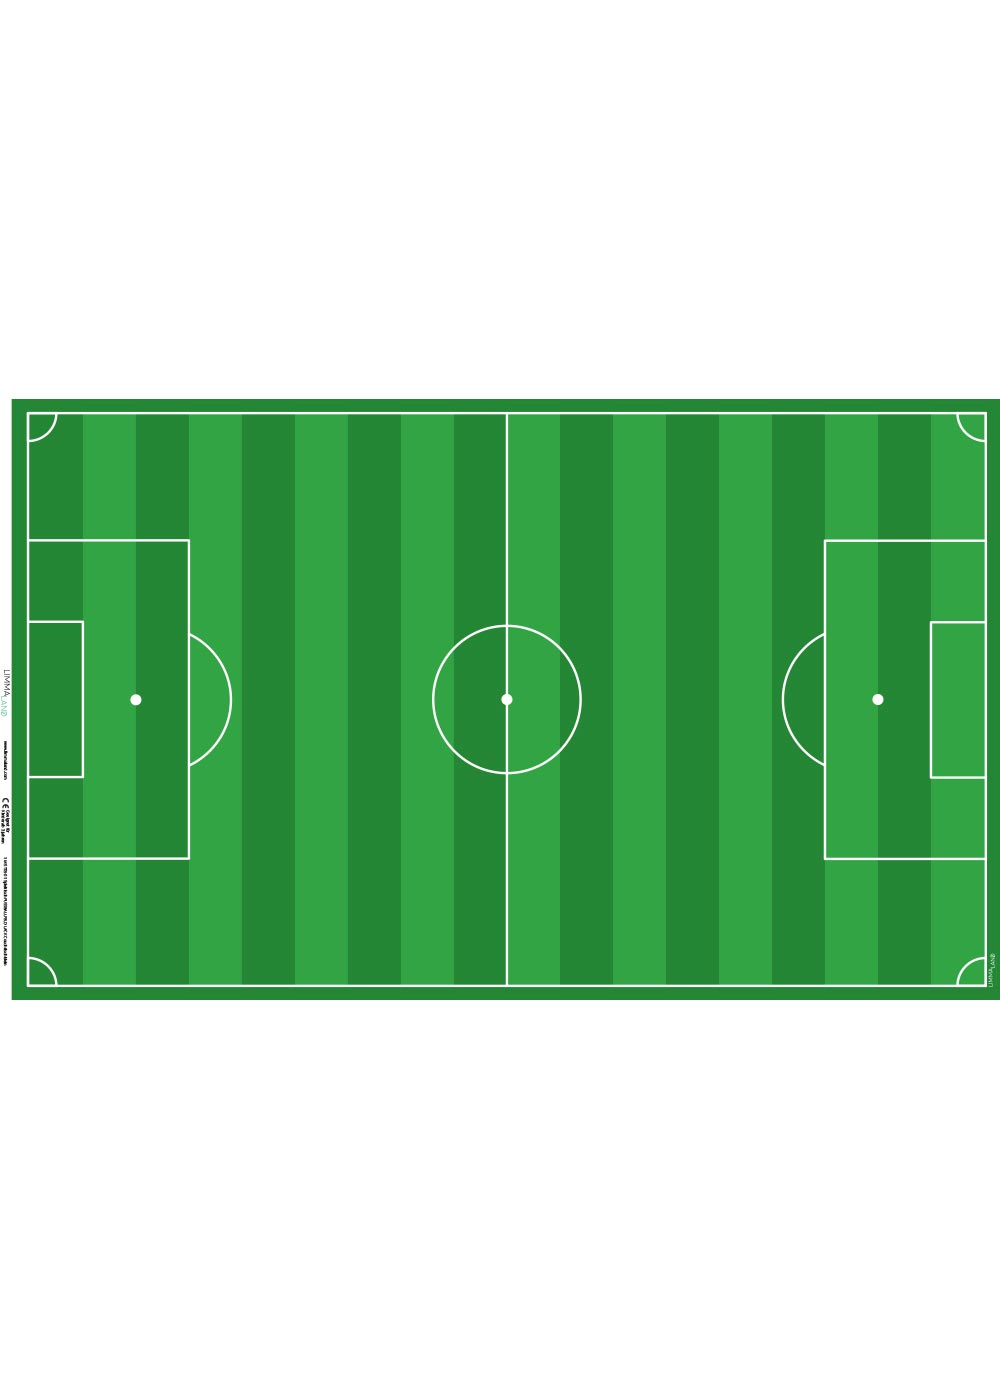 Ikea Lack Couchtisch Fußballfeld grün 78x118 Druckvorlage